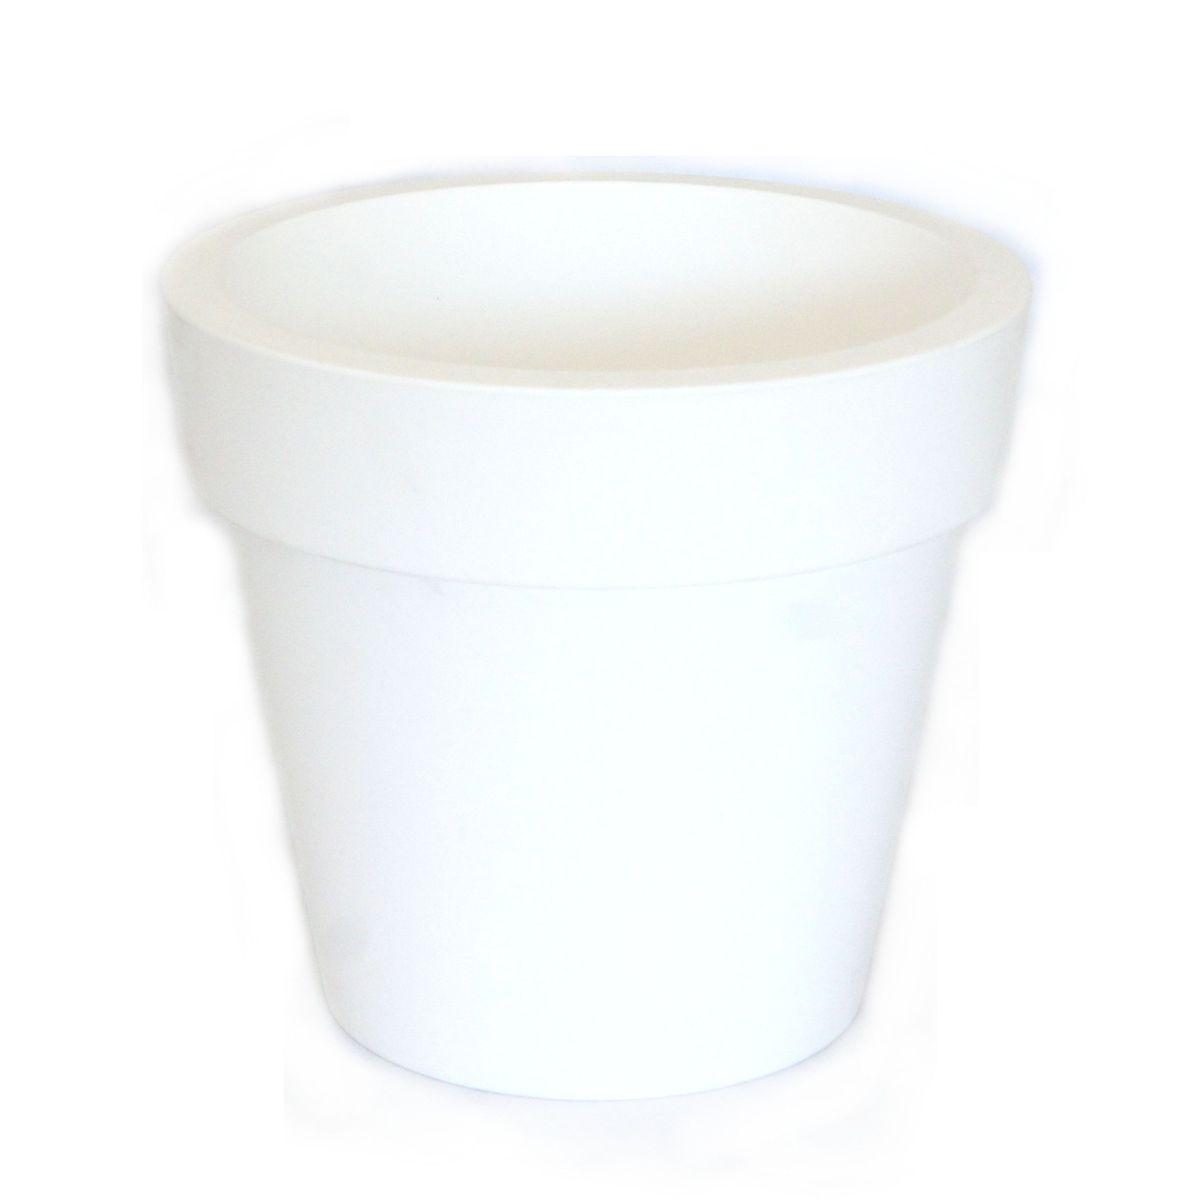 Кашпо JetPlast Порто, со вставкой, цвет: белый, 1 л кашпо jetplast альфа с креплением цвет кремовый 1 л